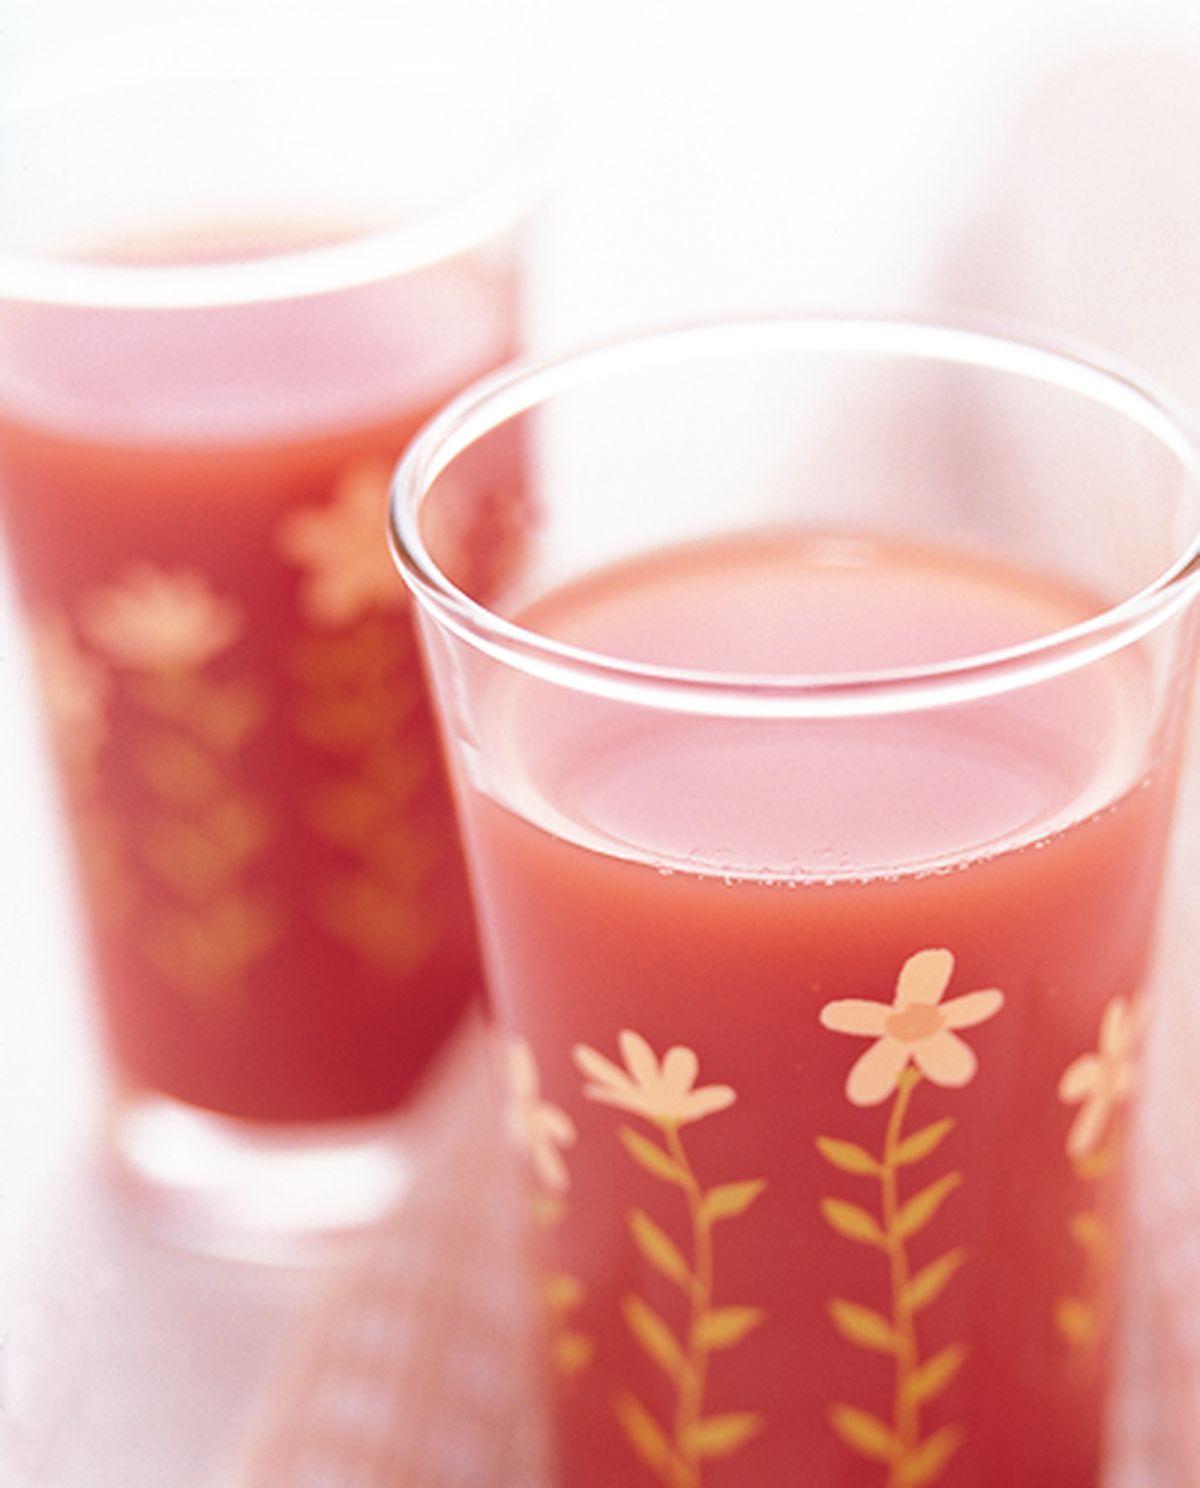 食譜:蜂蜜蕃茄汁